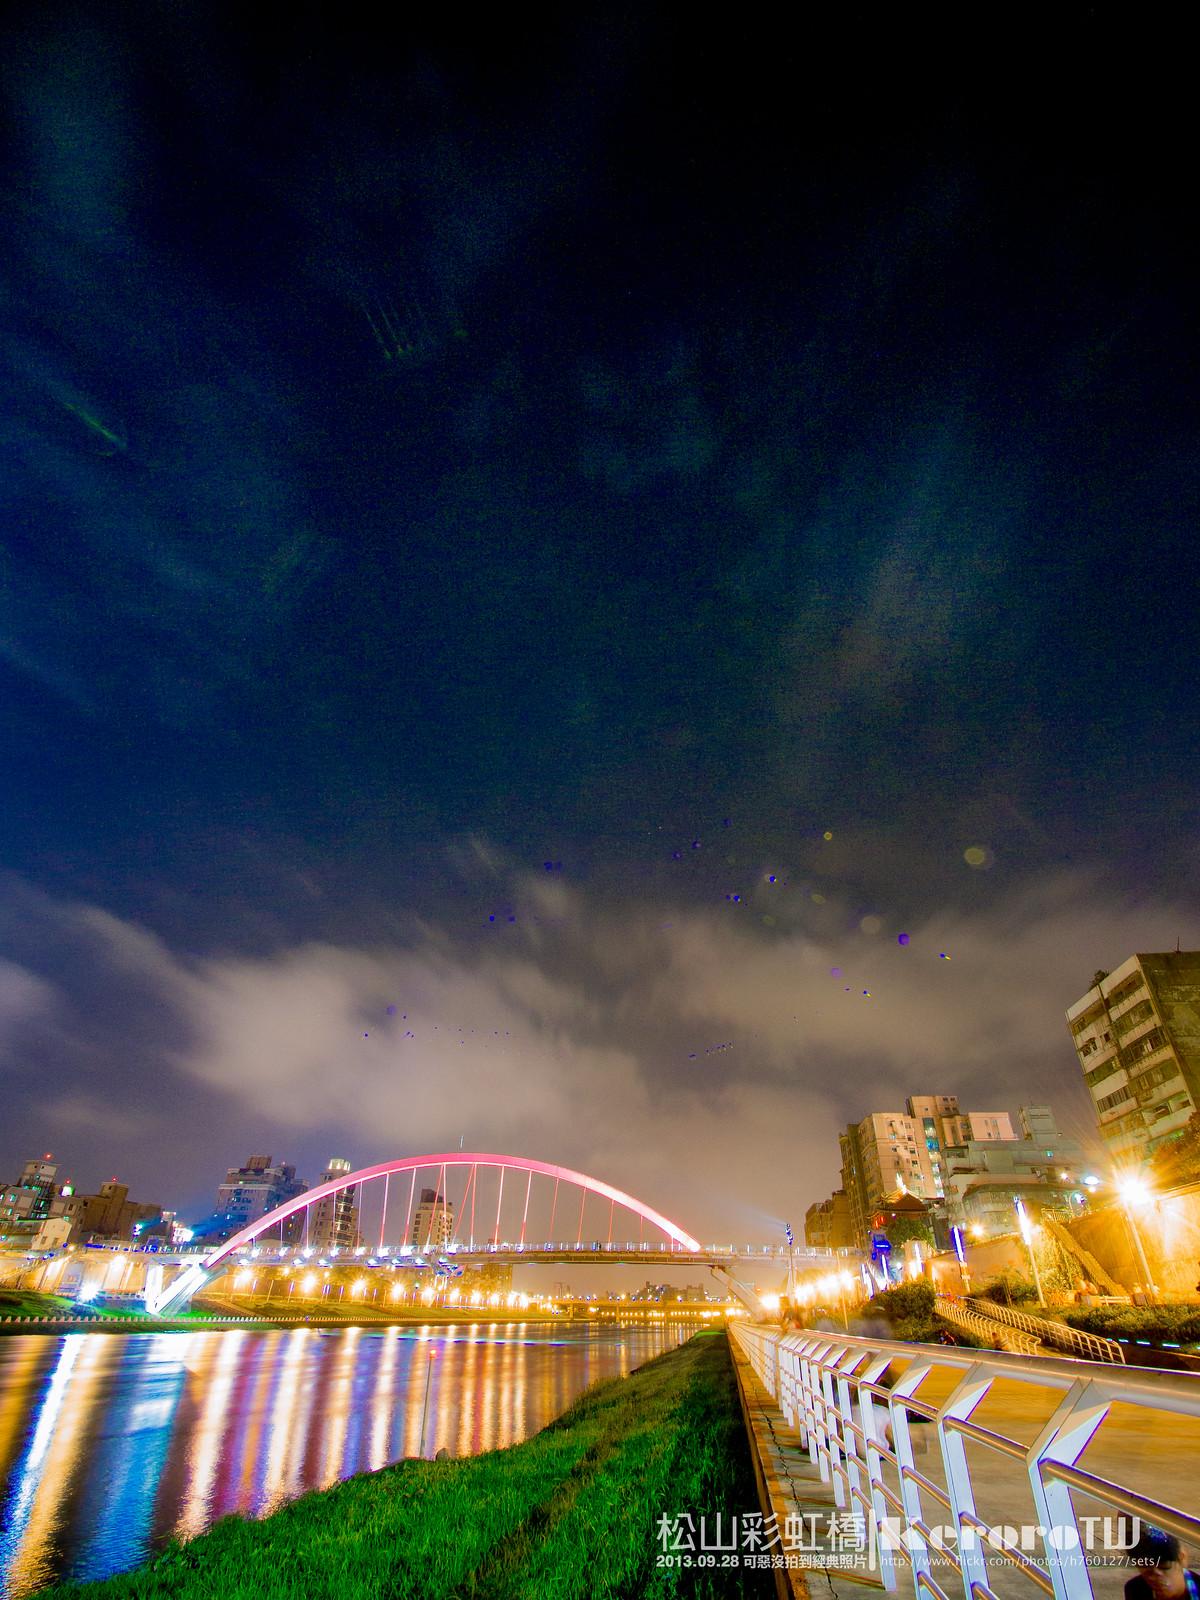 2013-09-28_松山彩虹橋_6